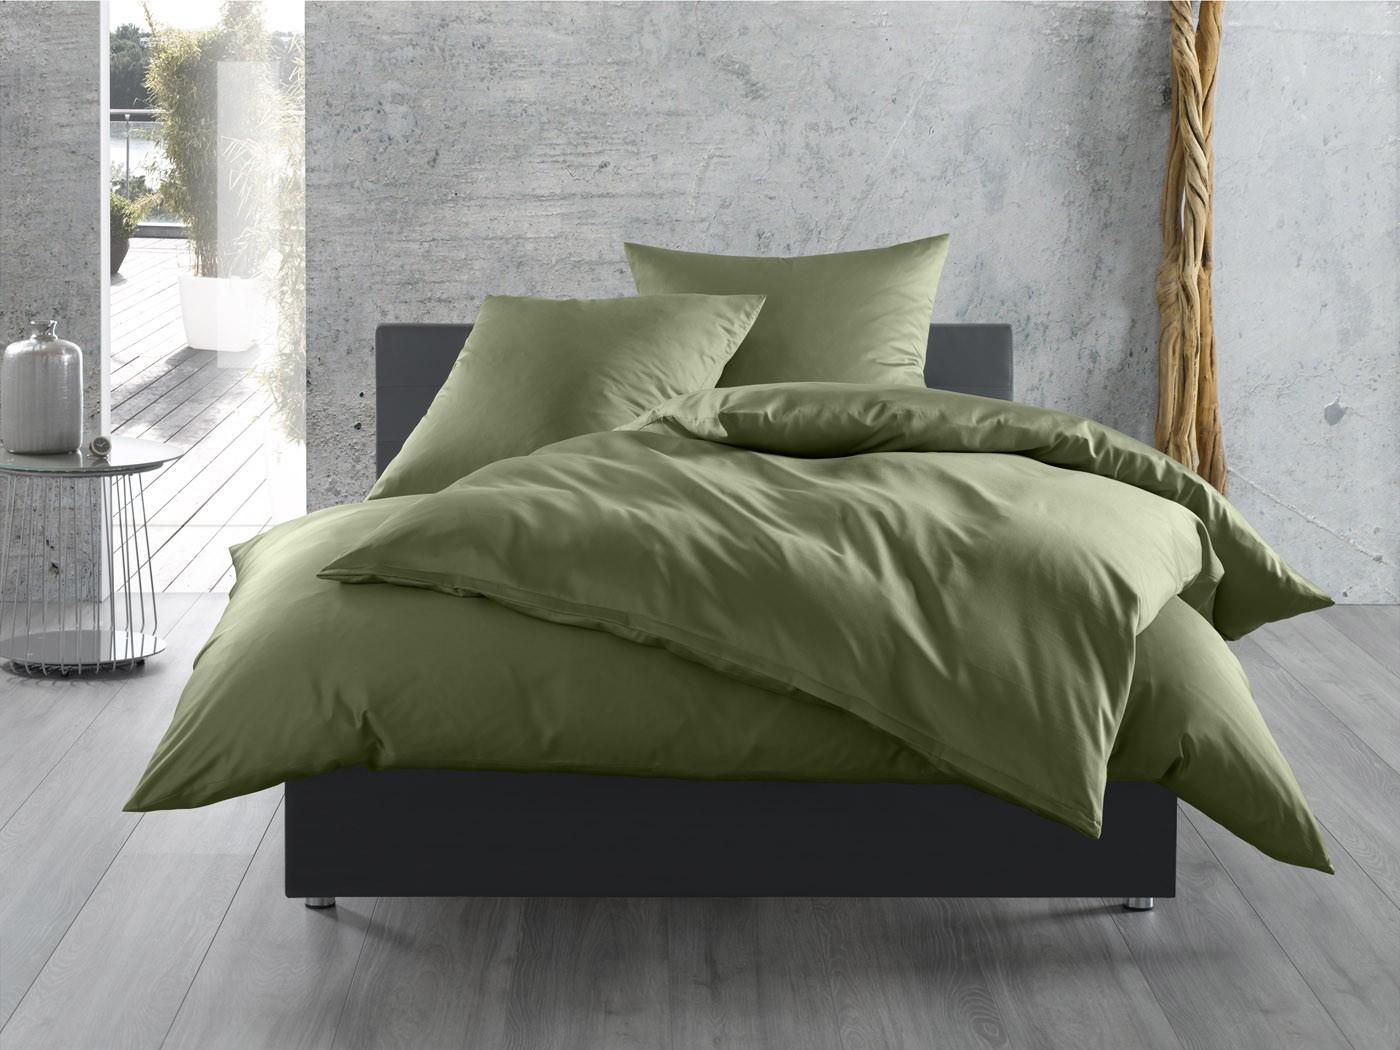 mako satin bettw sche uni einfarbig dunkelgr n online kaufen bms. Black Bedroom Furniture Sets. Home Design Ideas